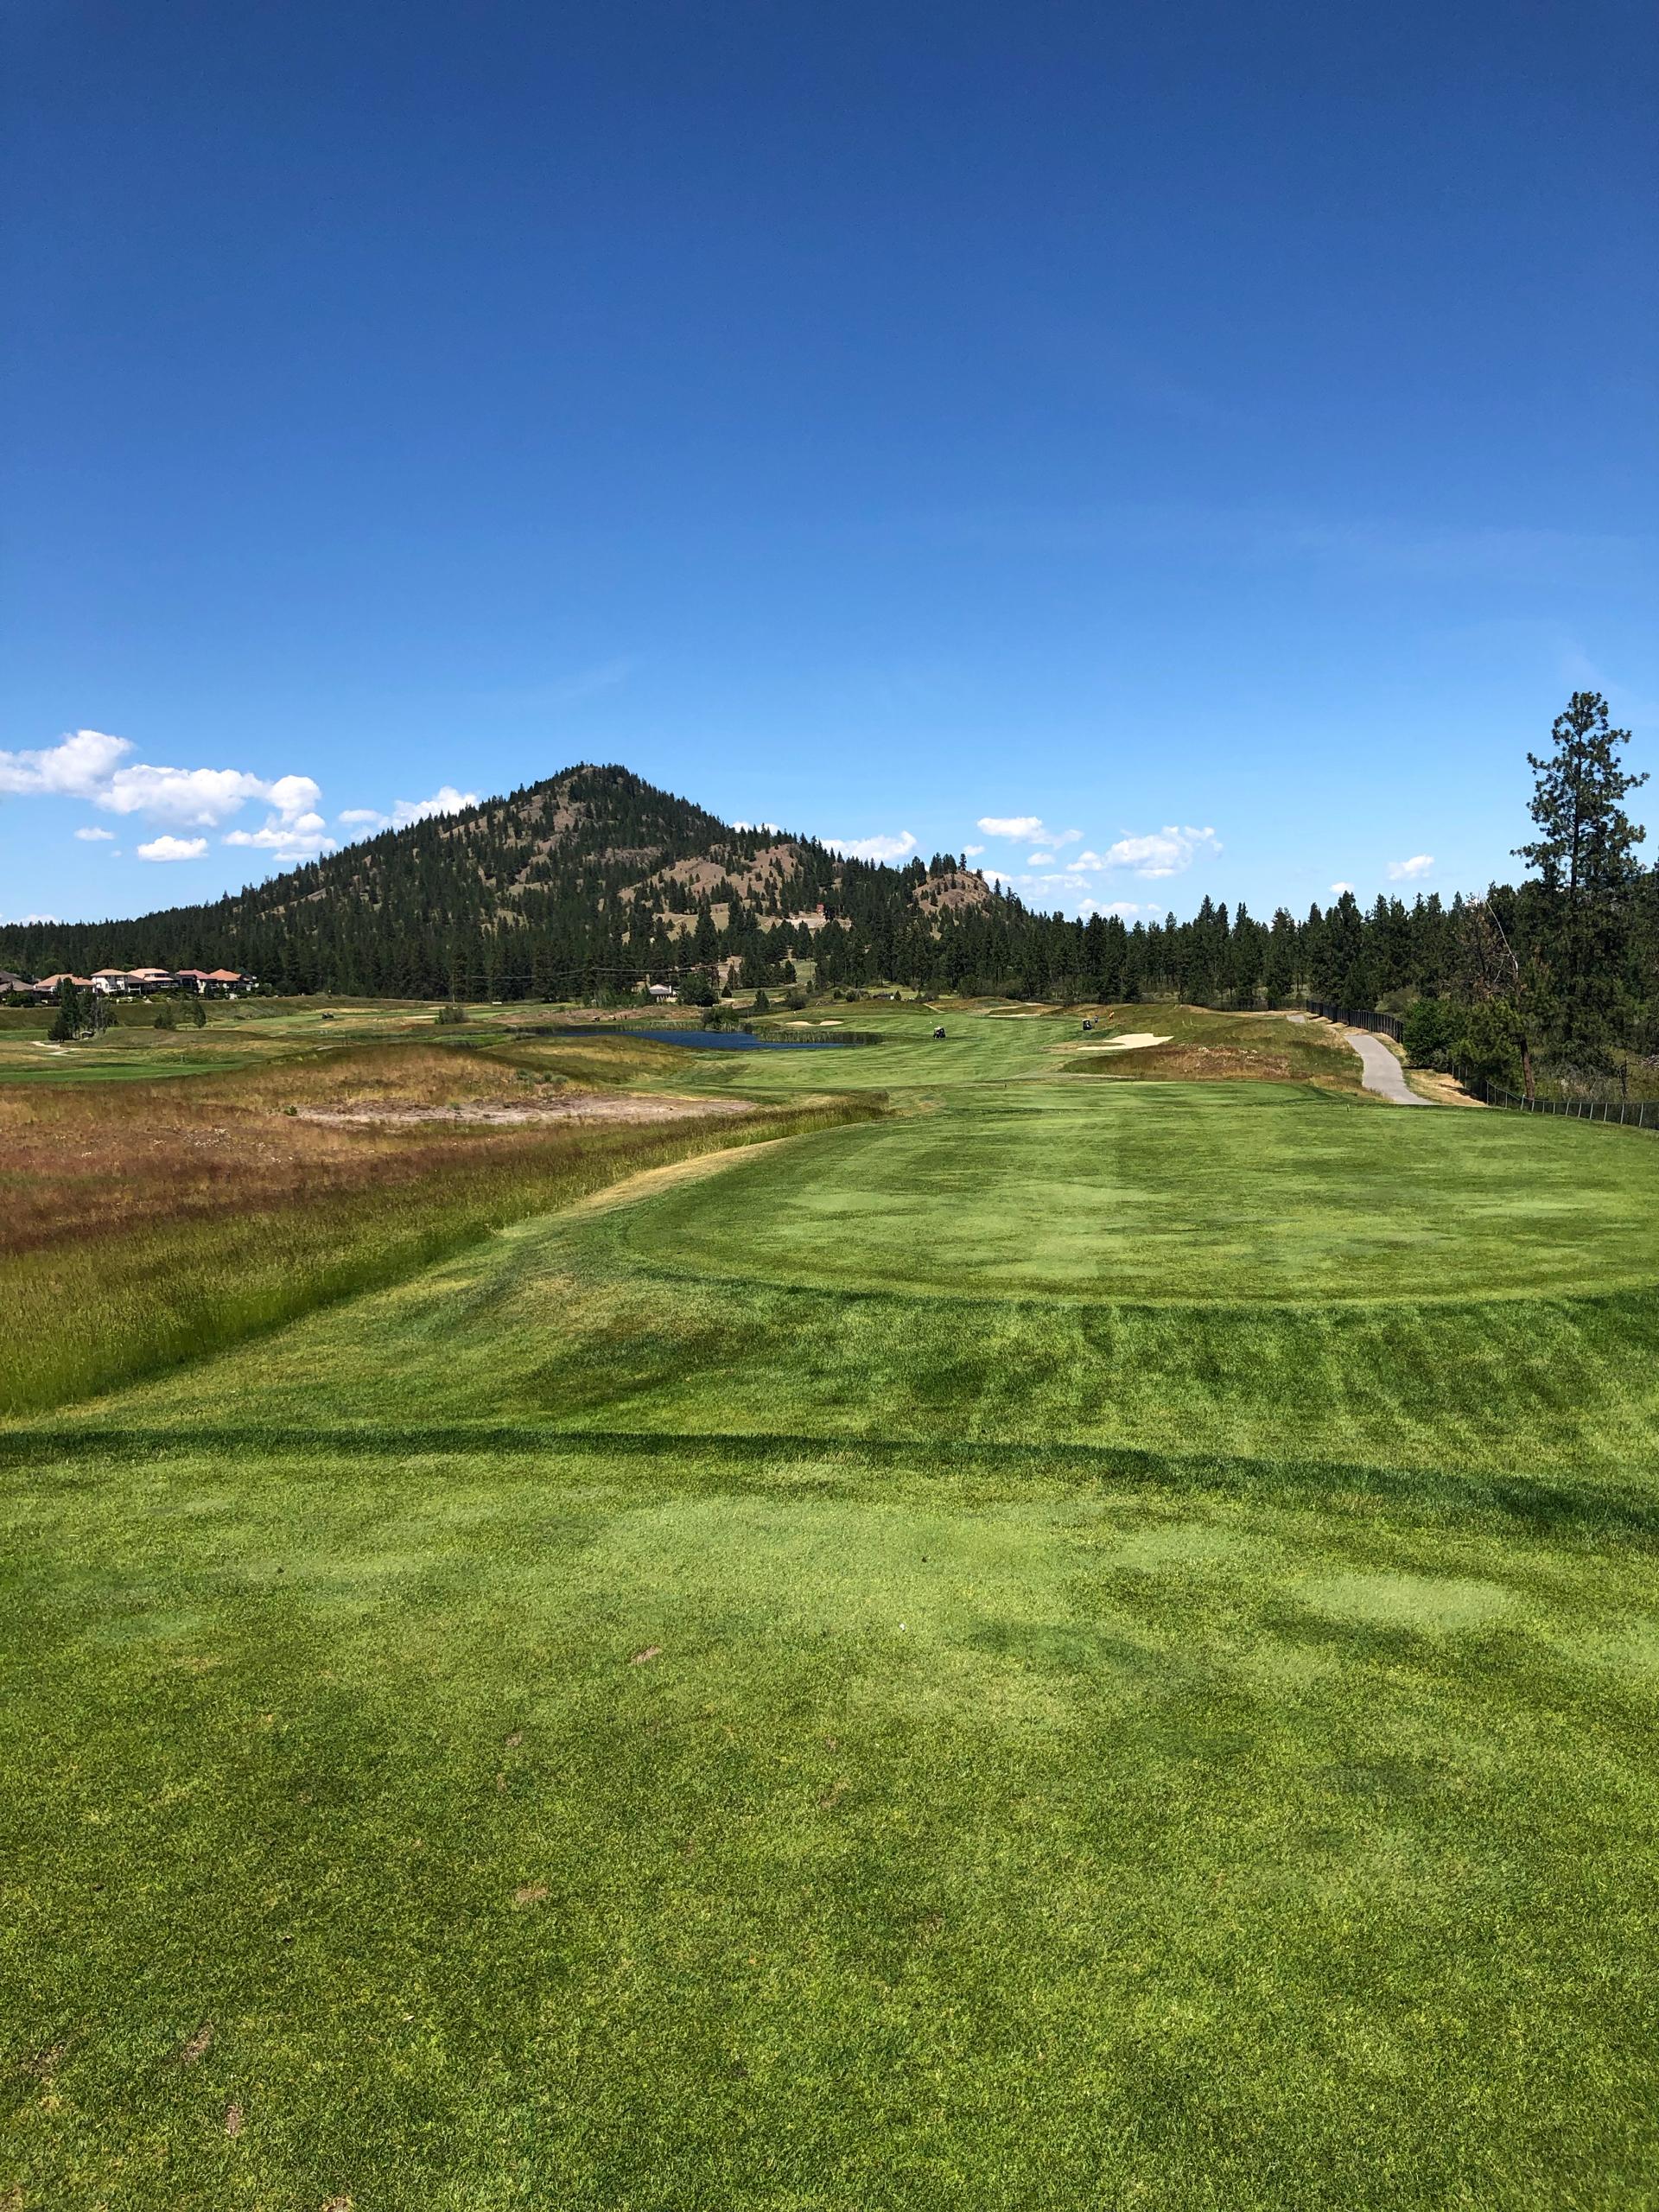 2019 06 Golf Trip - 4.jpg